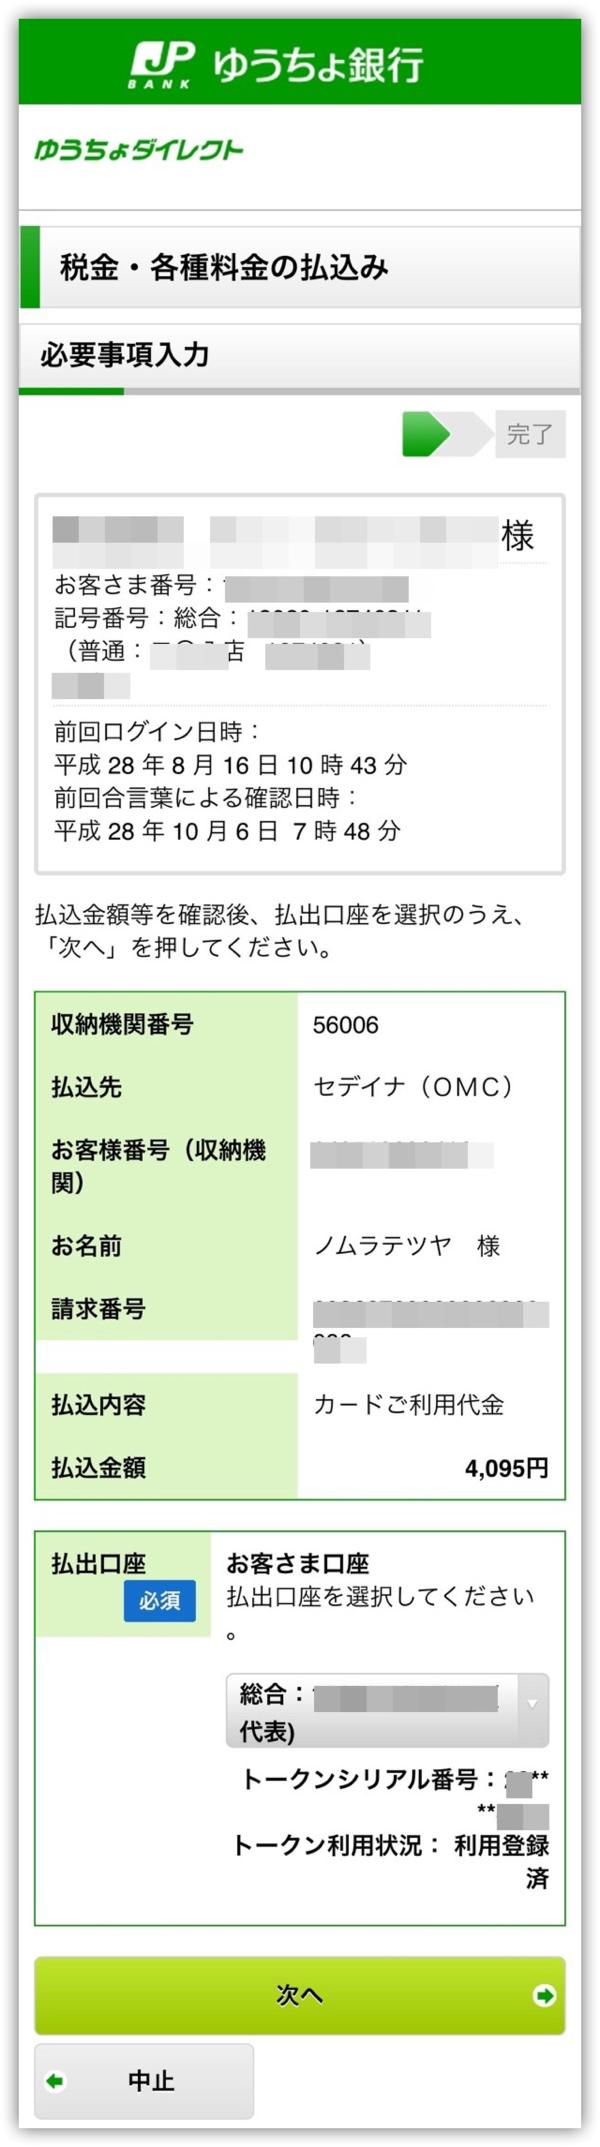 セディナカード繰り上げ返済(ゆうちょ銀行 税金・各種払込み画面)